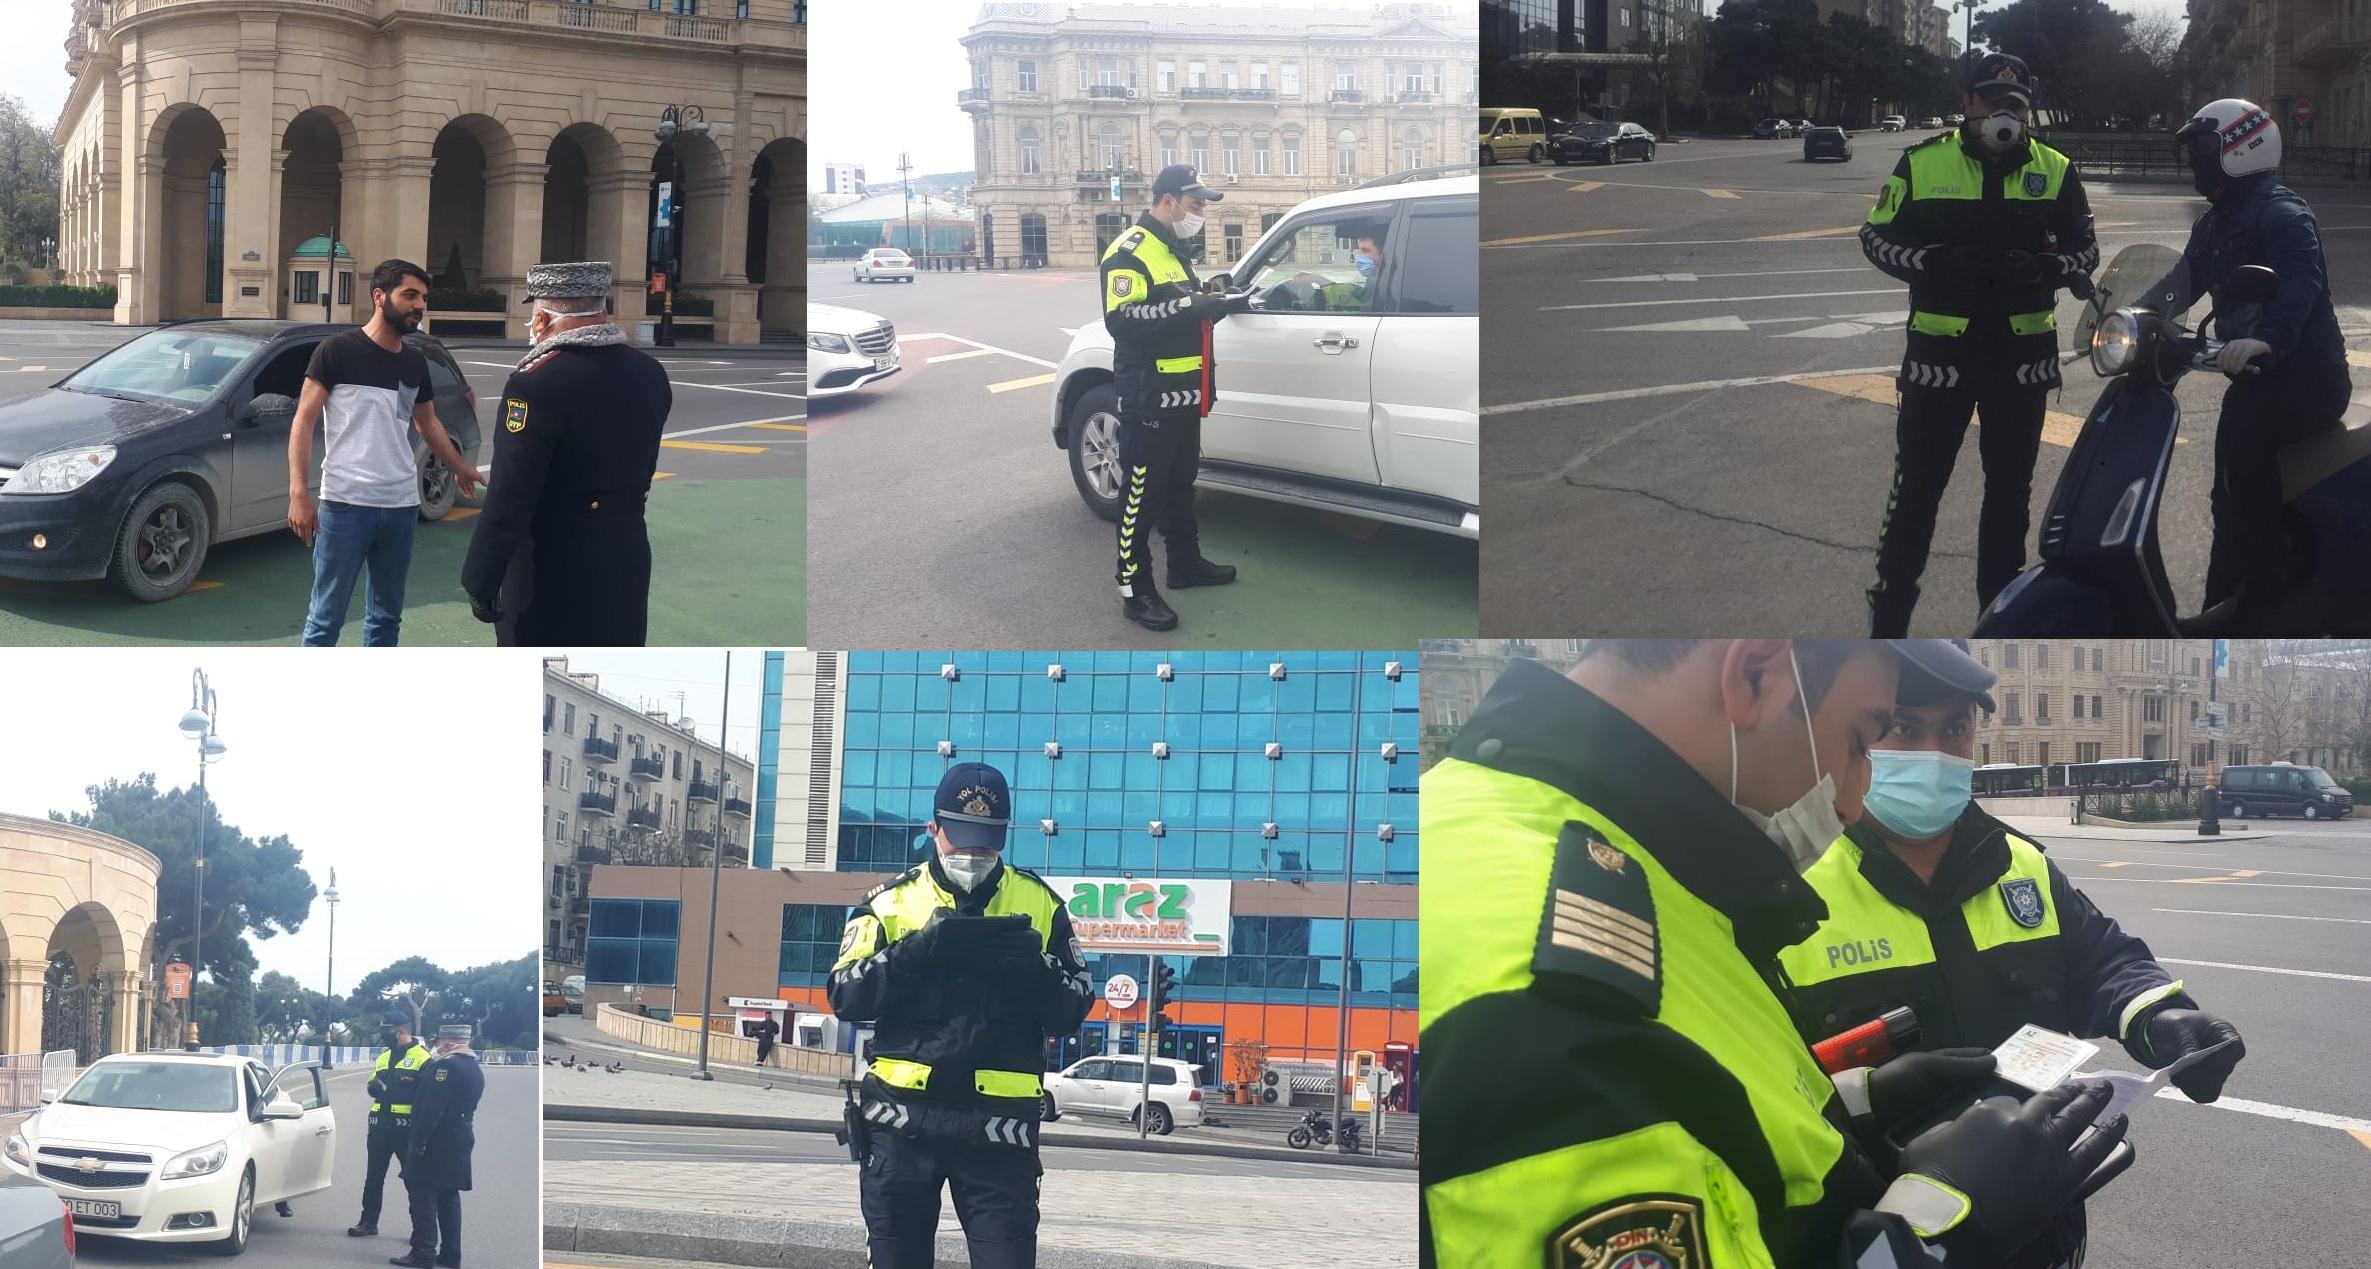 Bakıda xüsusi karantin rejiminin ilk günü: 500-dən artıq sürücü saxlanıldı - VİDEOREPORTAJ